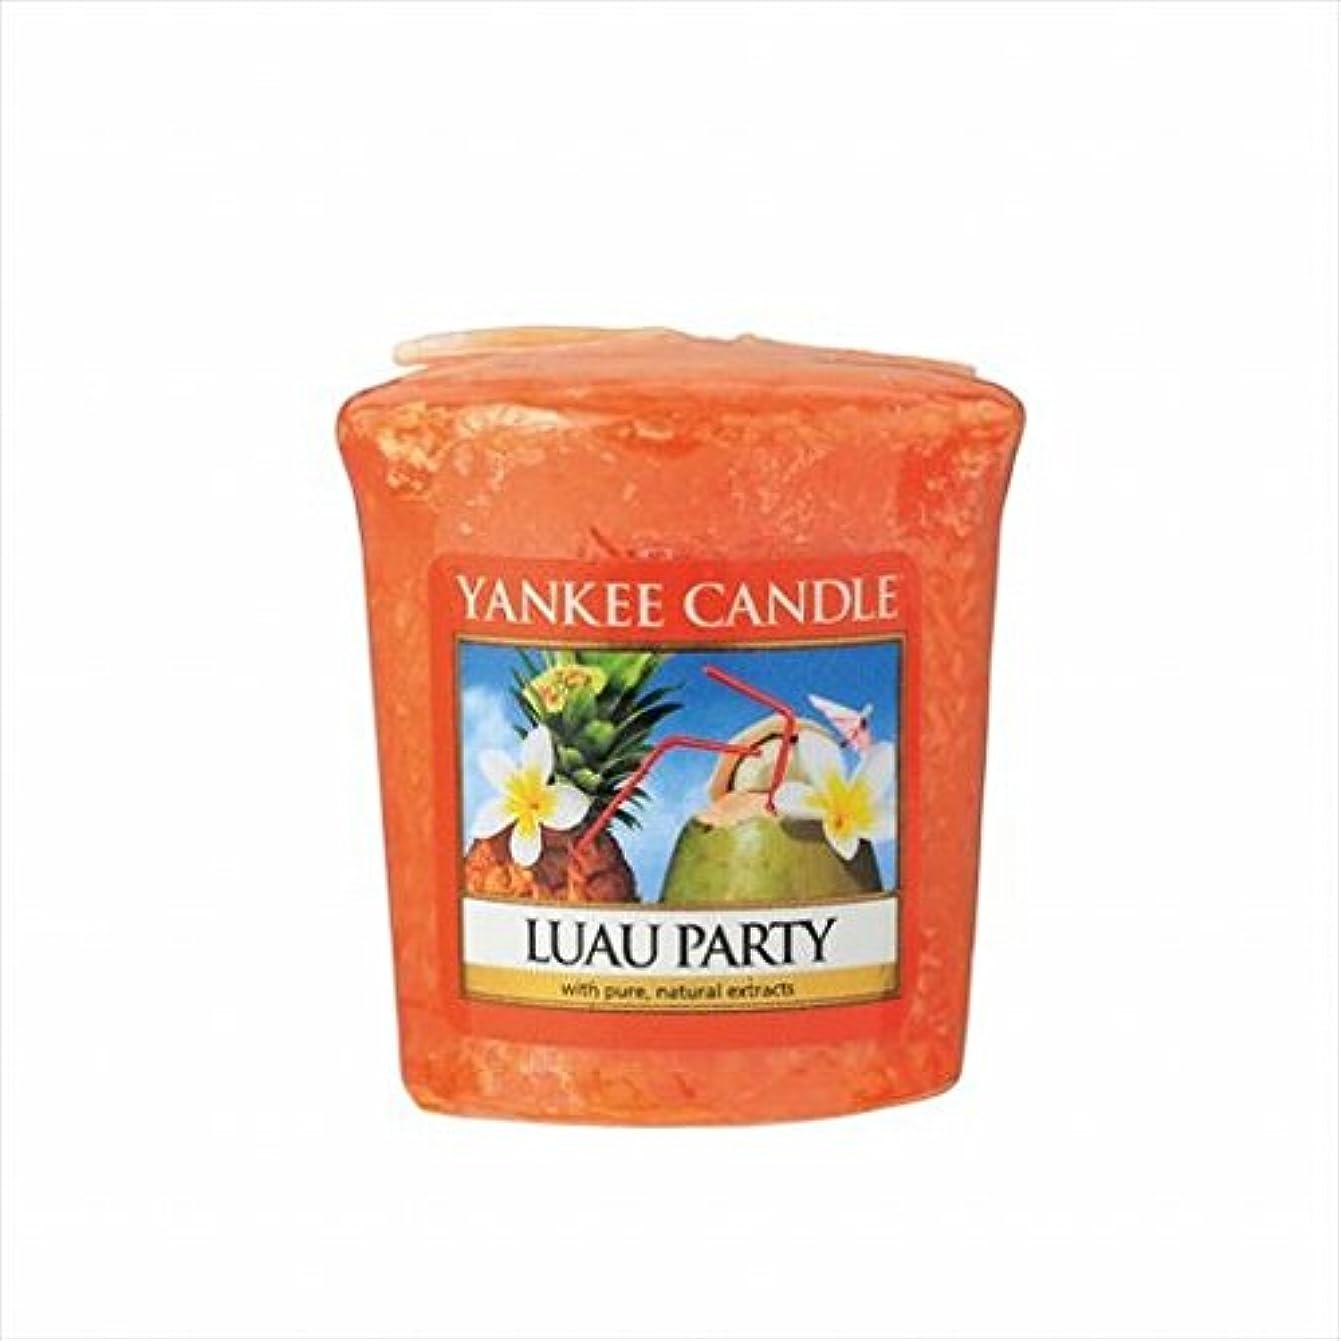 計算志す真似るカメヤマキャンドル(kameyama candle) YANKEE CANDLE サンプラー 「 ルーアウパーティ 」